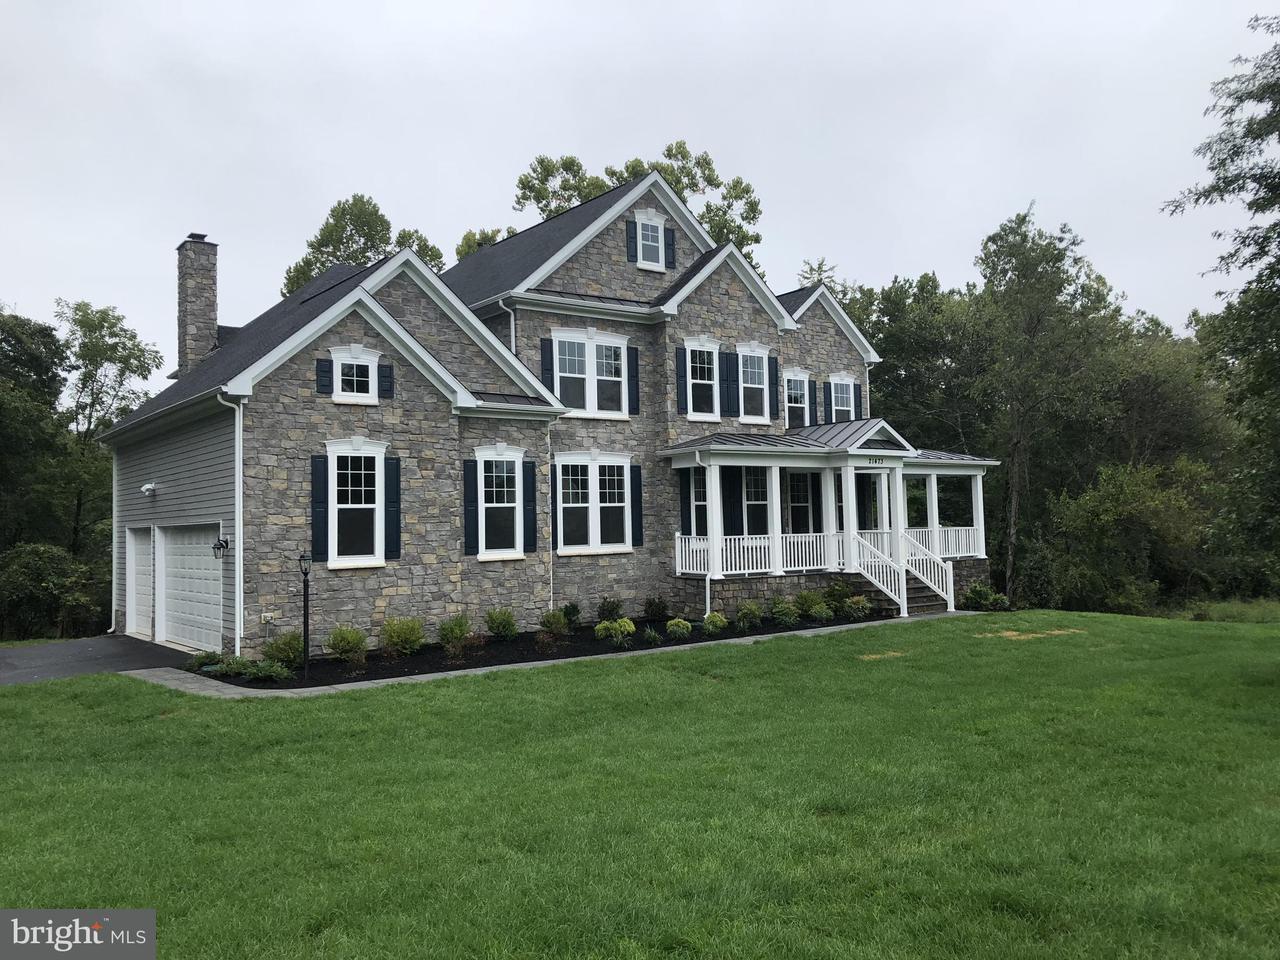 단독 가정 주택 용 매매 에 21473 Rosedown Court 21473 Rosedown Court Middleburg, 버지니아 20117 미국